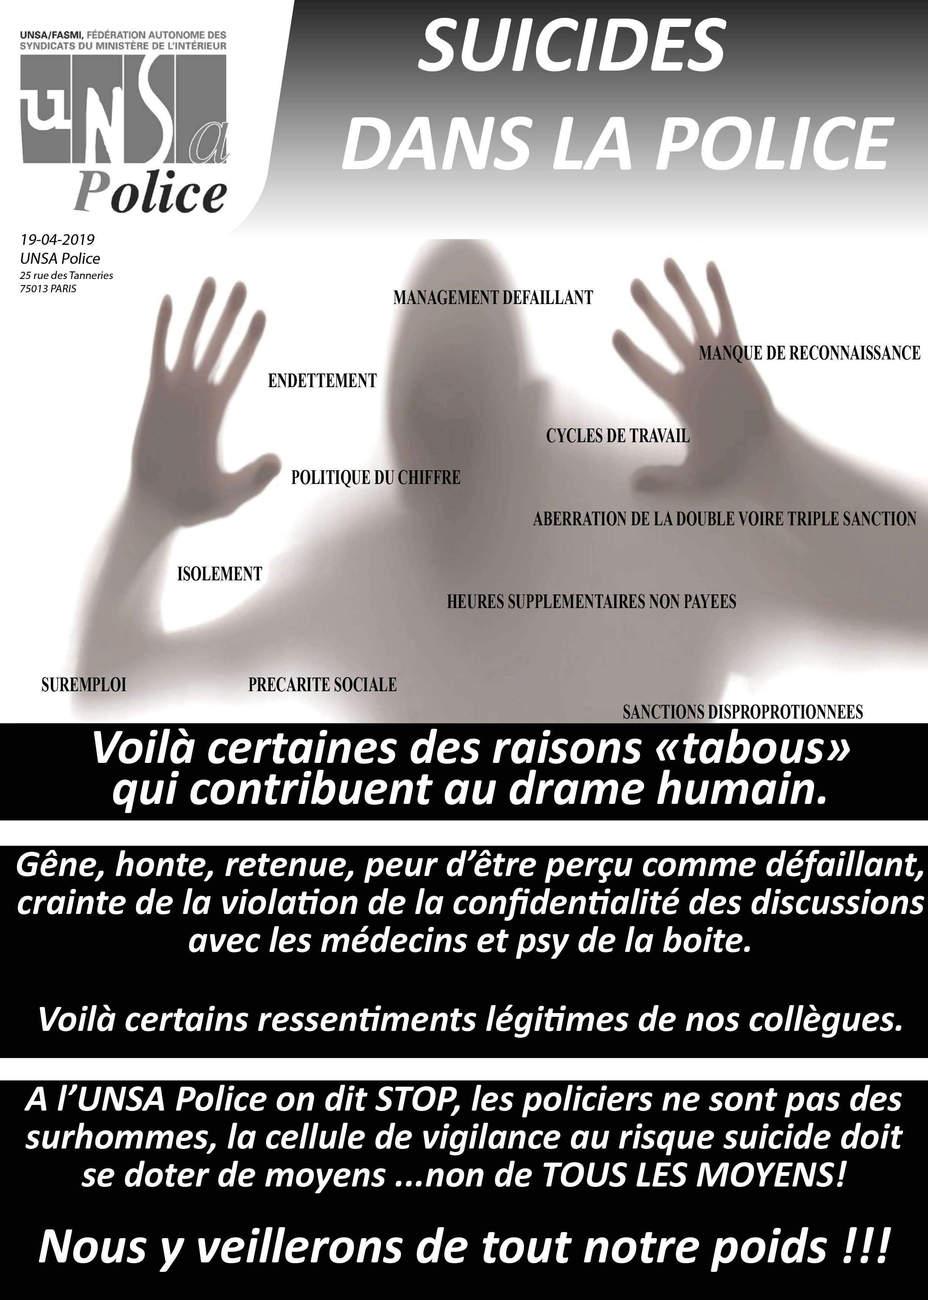 Suicides dans la police : l'UNSA tire une nouvelle fois la sonnette d'alarme (affiche UNSA)